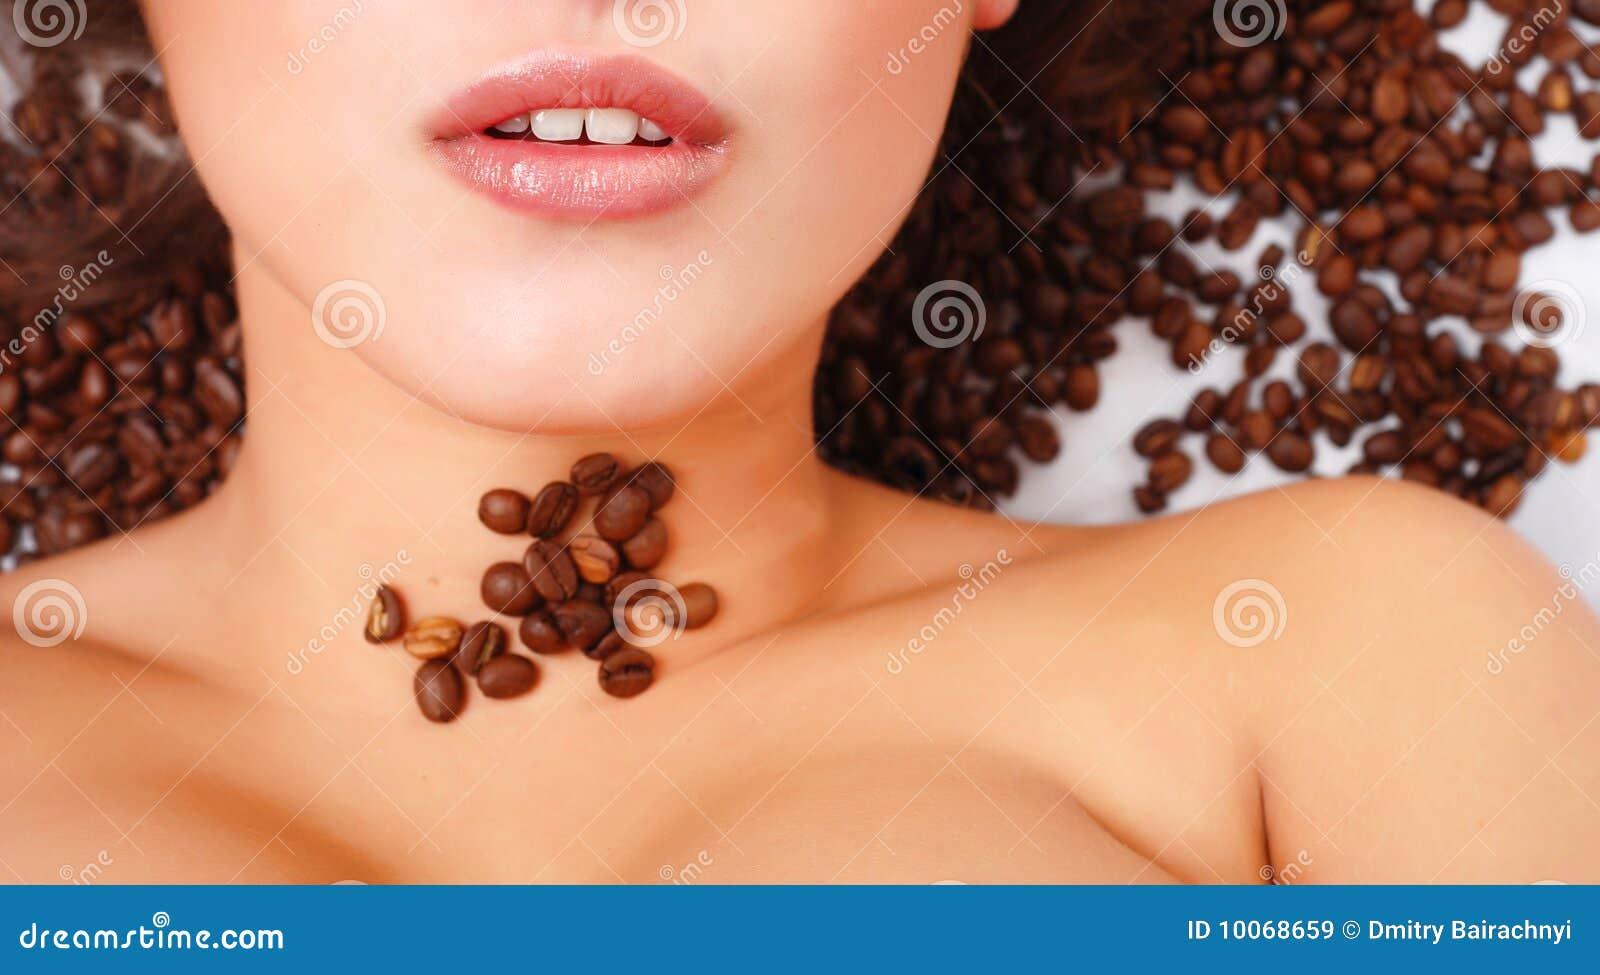 Face da mulher com feijões de café